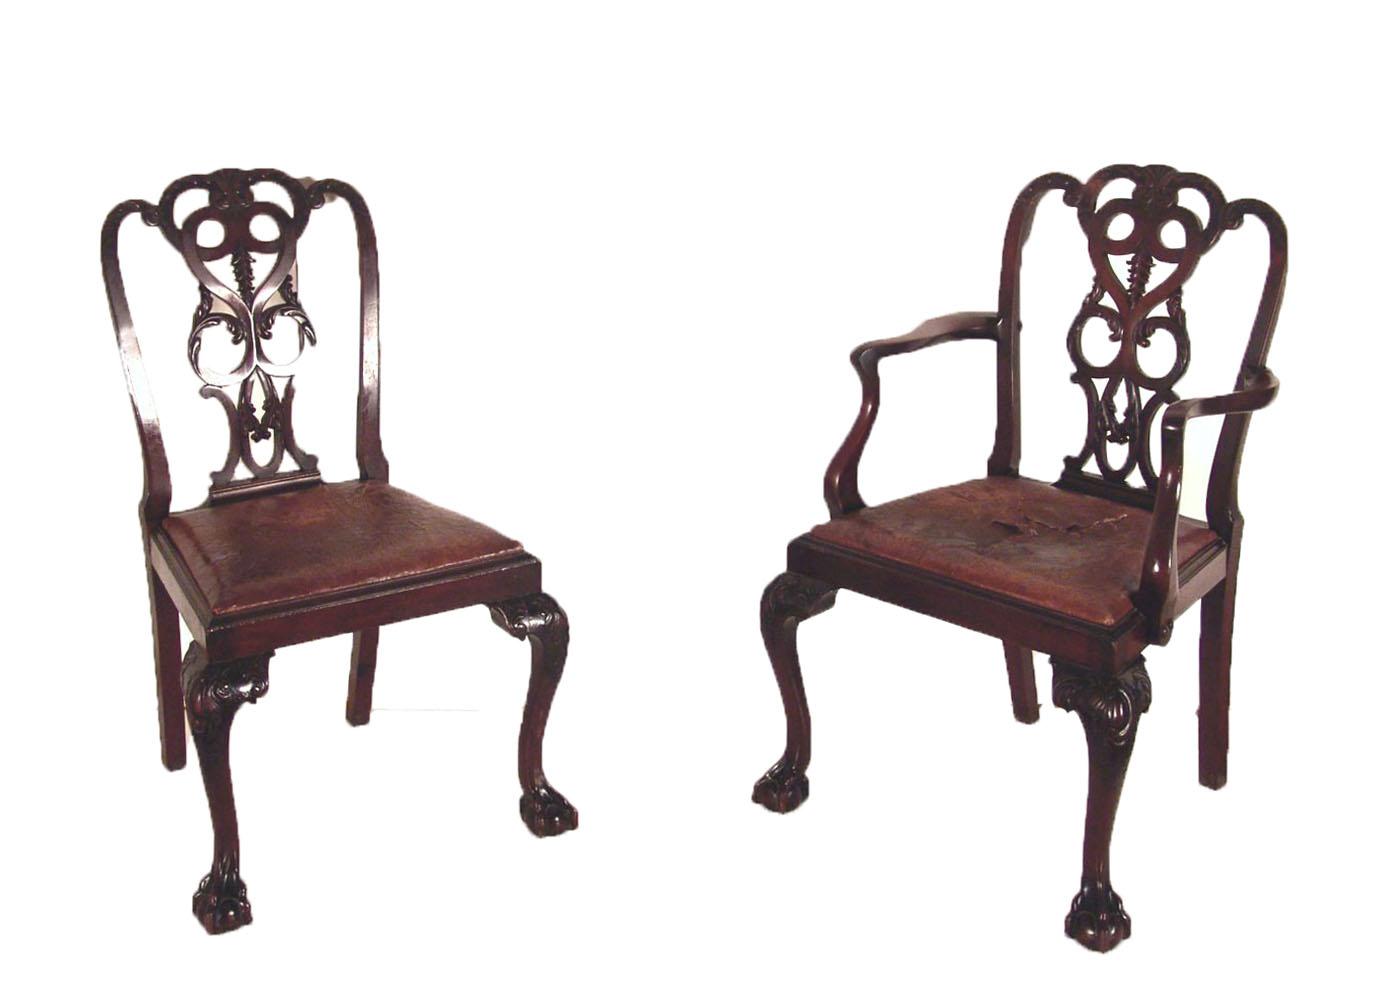 Bgw remate 236 muebles gek htm gendata - Sillas chippendale ...